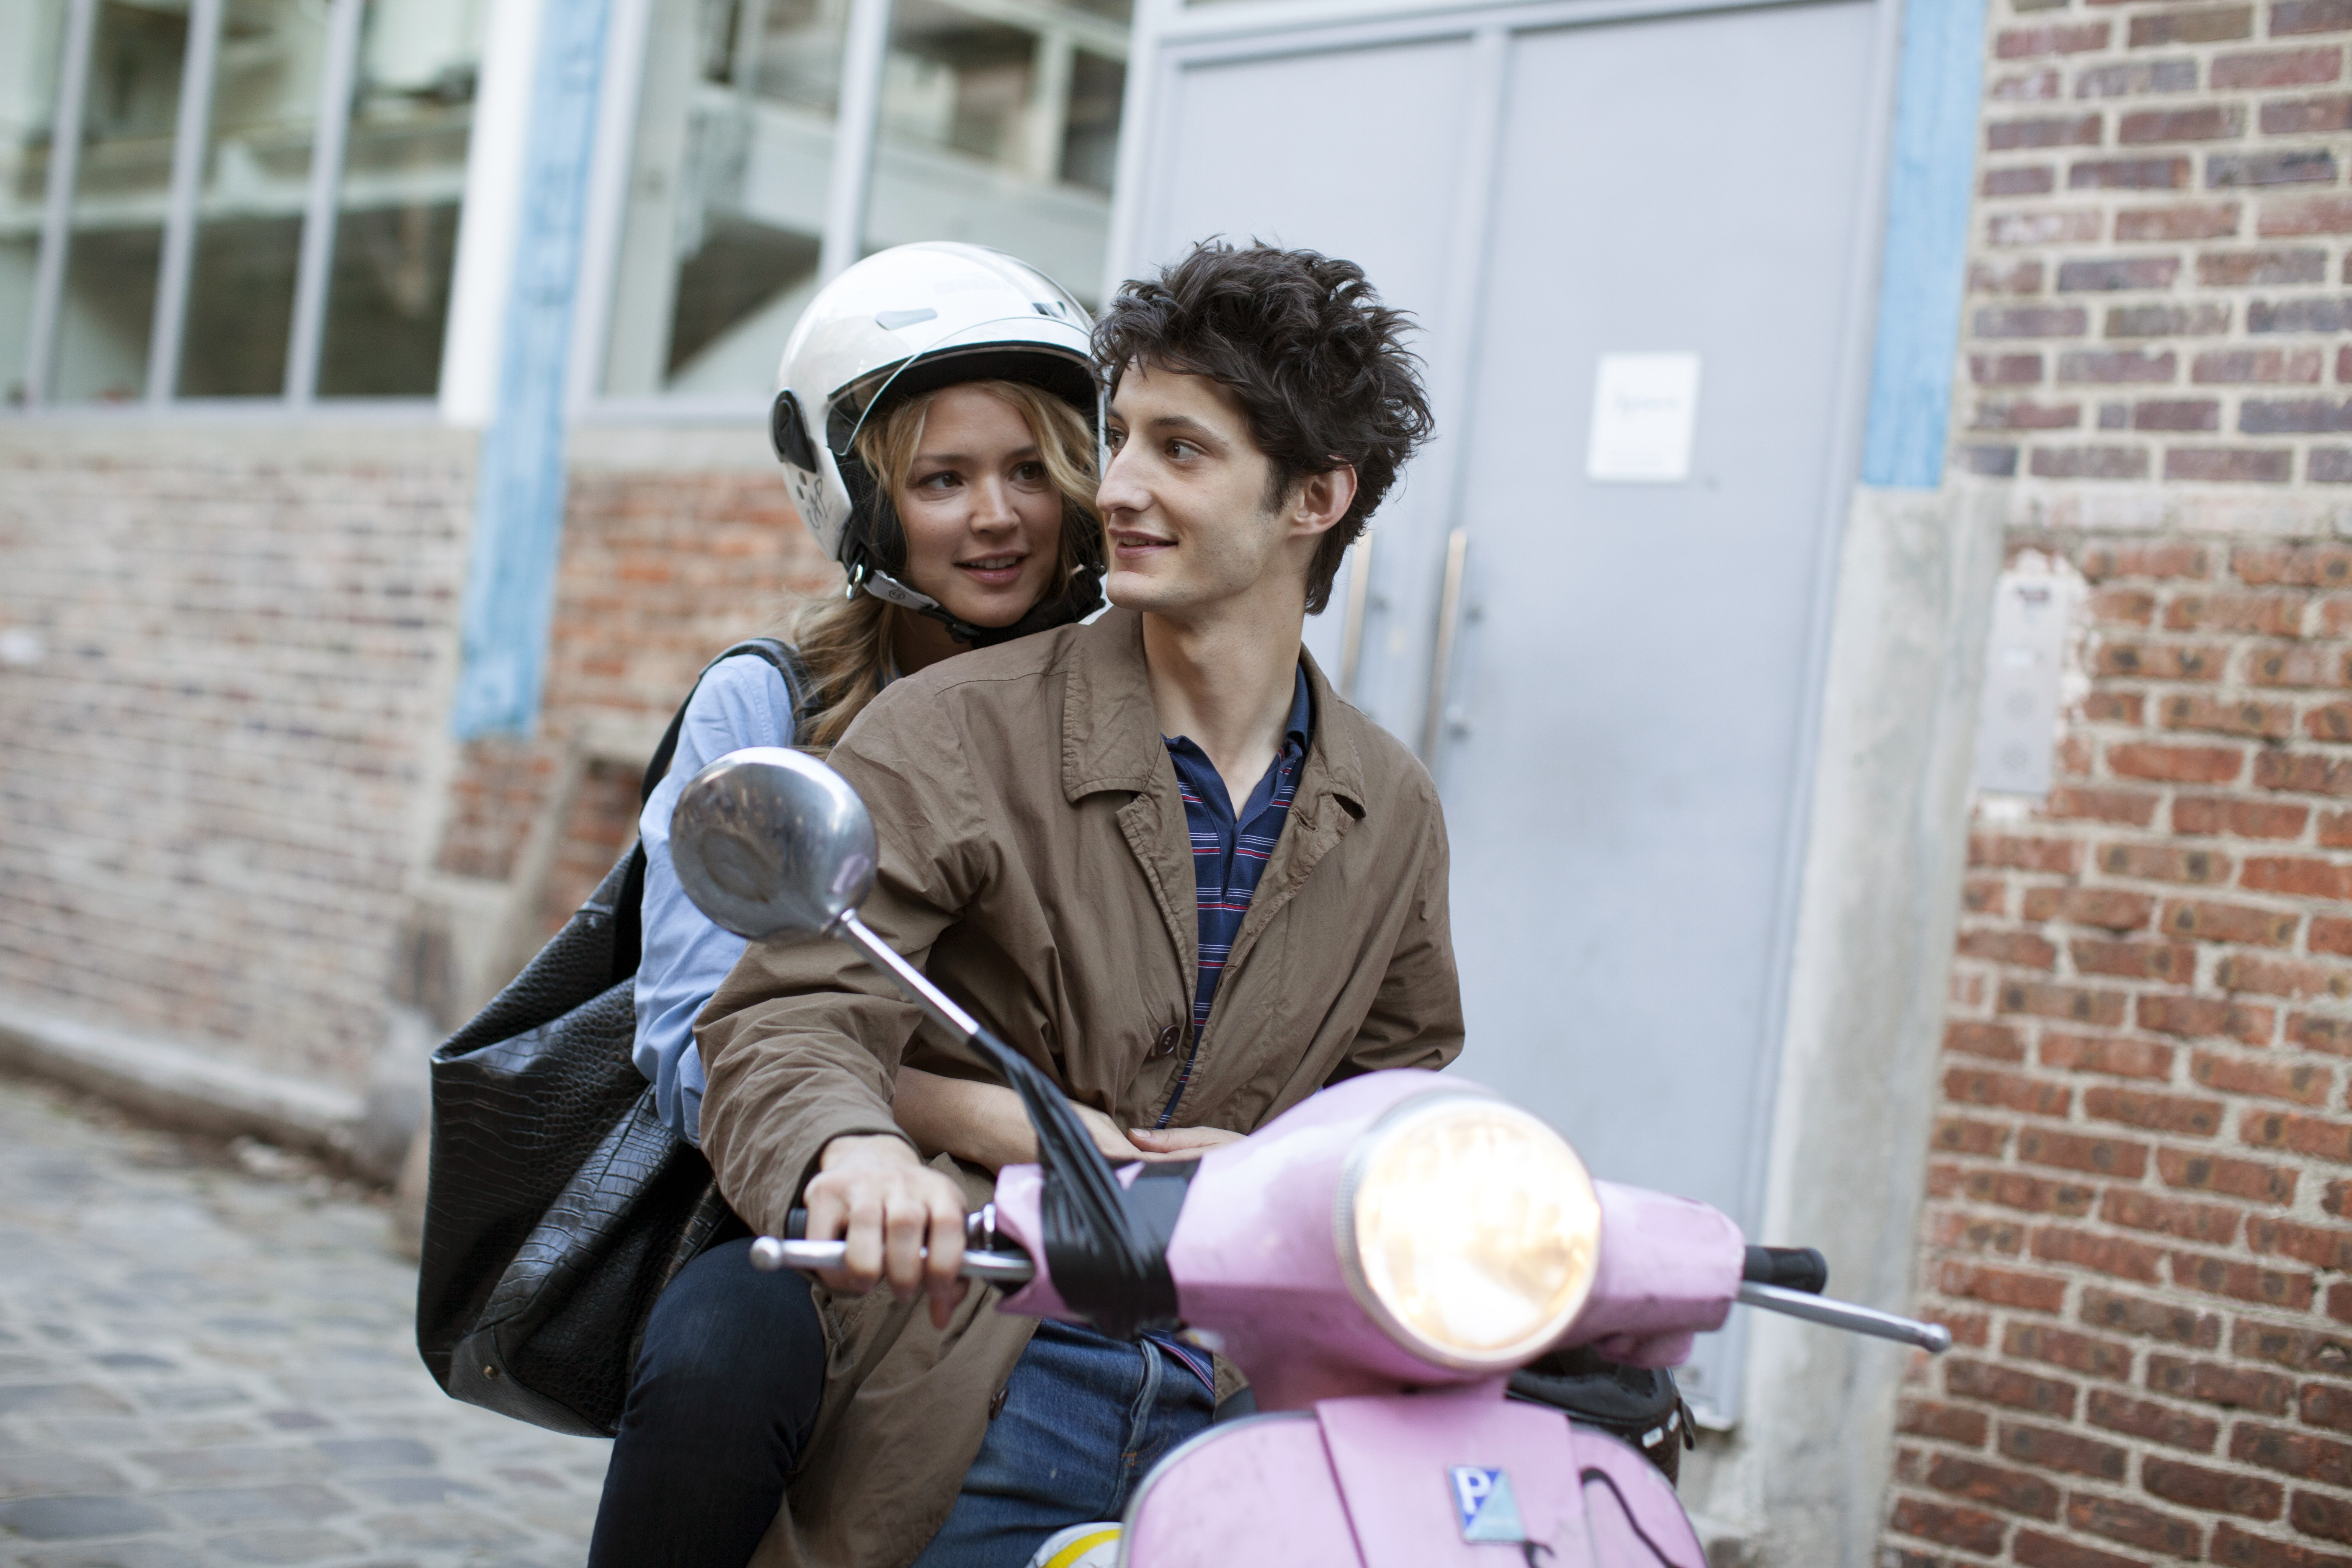 молодая толстая французские фильмы с русским переводом несколько минут